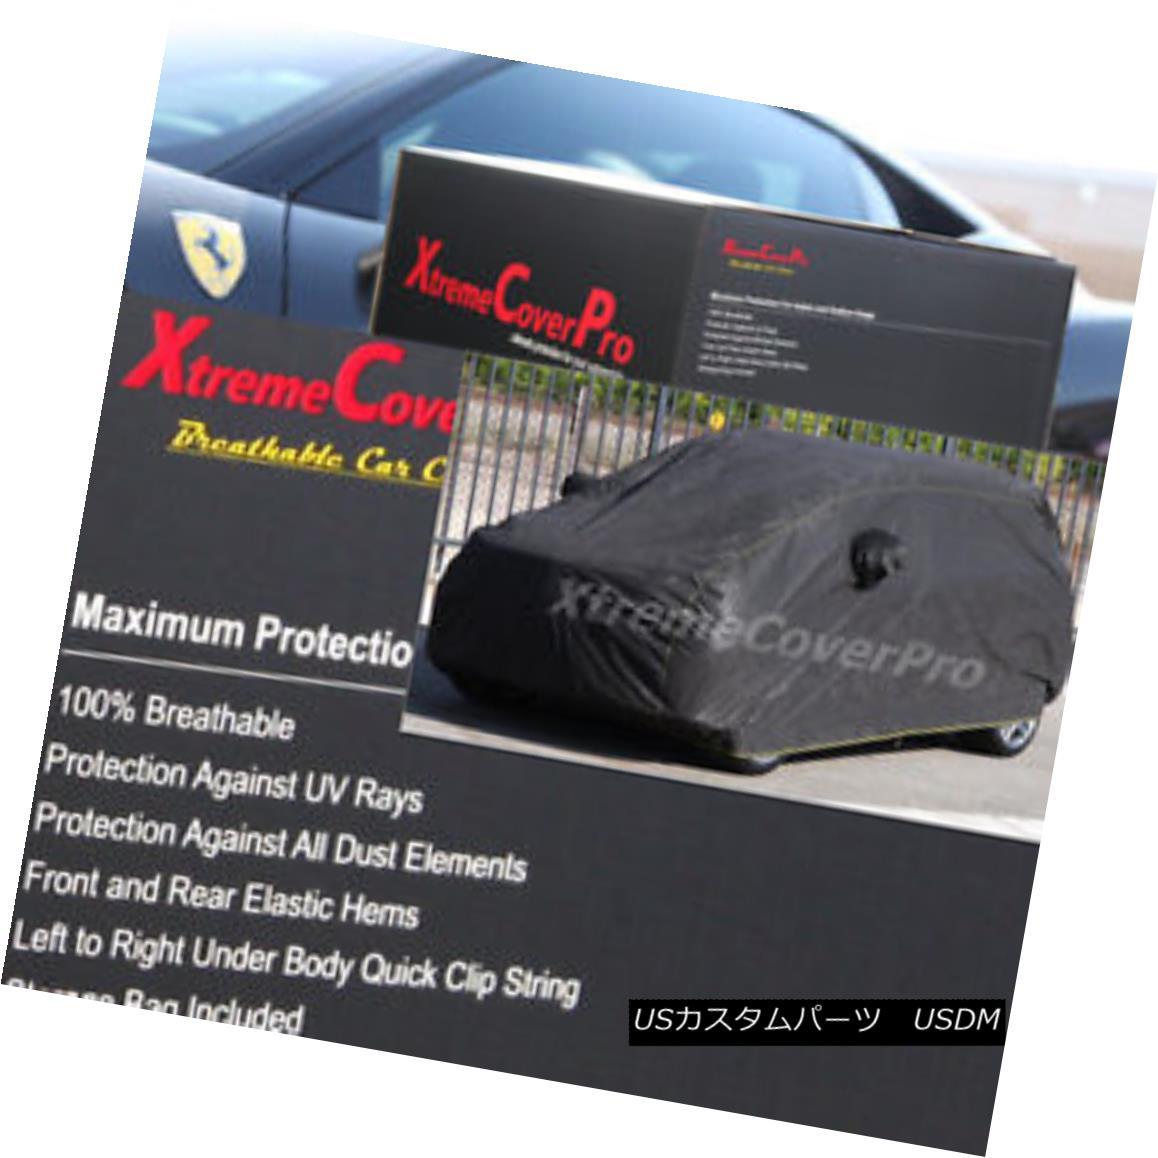 カーカバー 2015 FORD EDGE Breathable Car Cover w/Mirror Pockets - Black 2015 FORD EDGE通気性の車カバー、ミラーポケット付き - ブラック